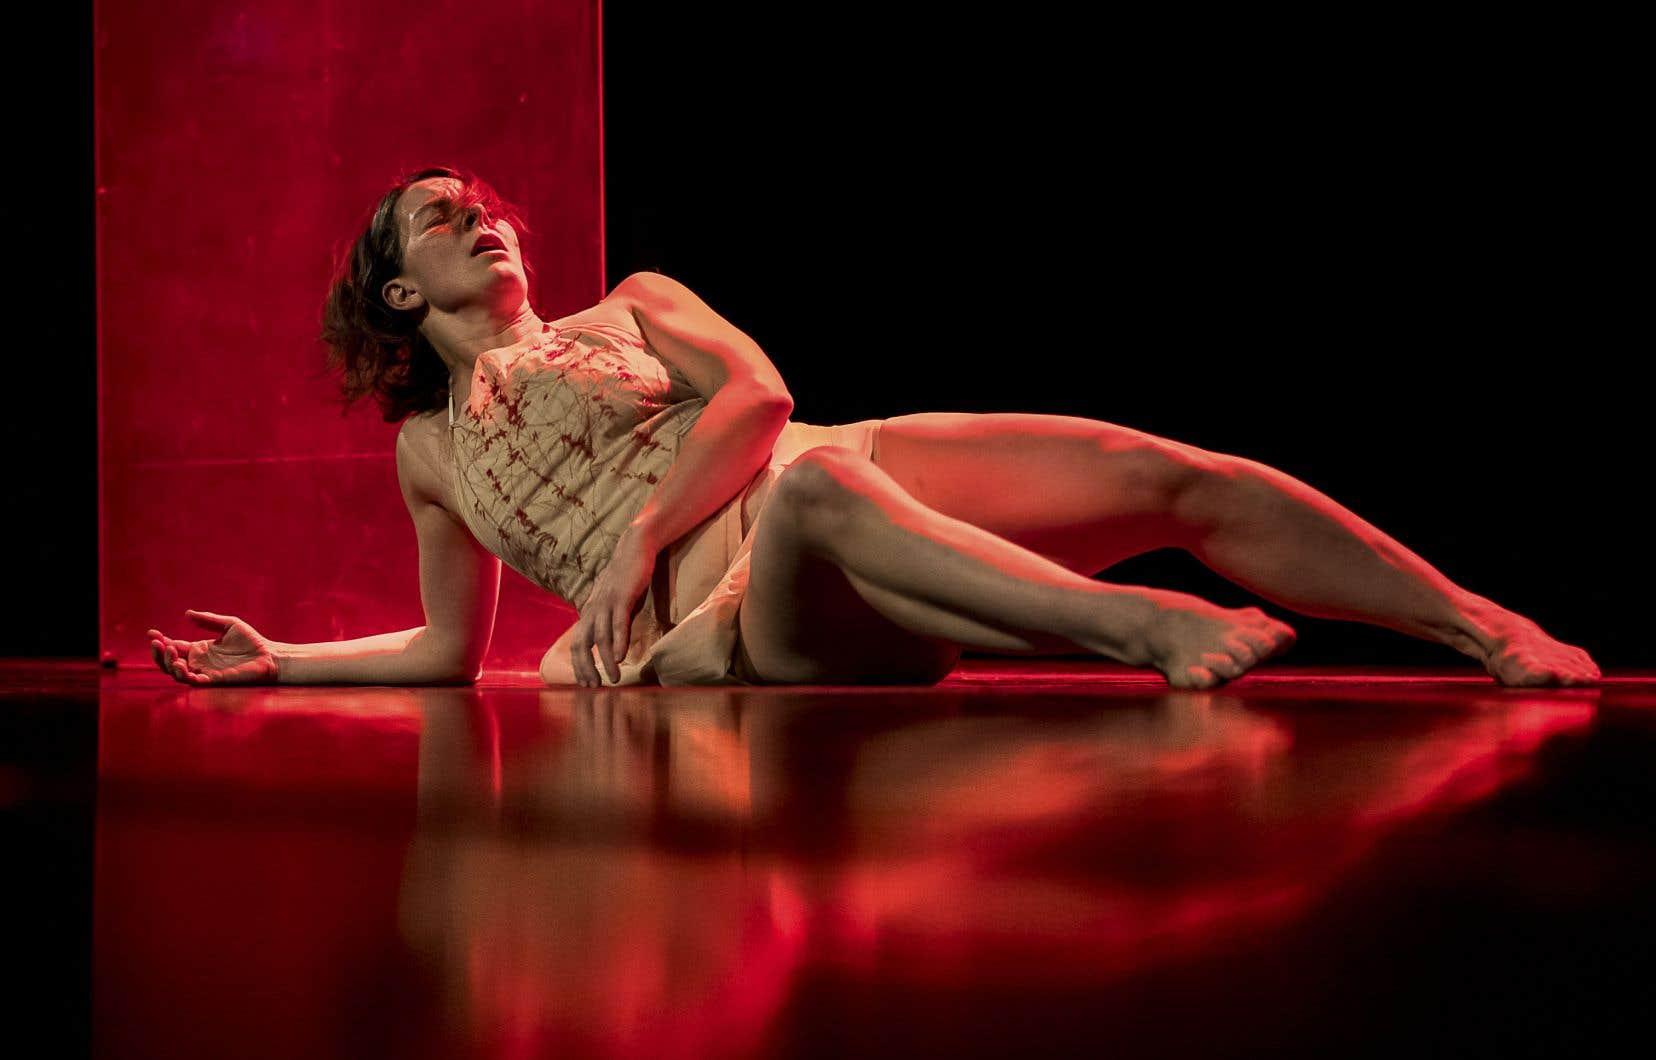 Caroline Laurin-Beaucagepuise dans les traces laissées dans son corps par 200heures d'expérimentations dans l'espace public pour créer et interpréter un solo entremêlant danse, vidéo, son et lumière.